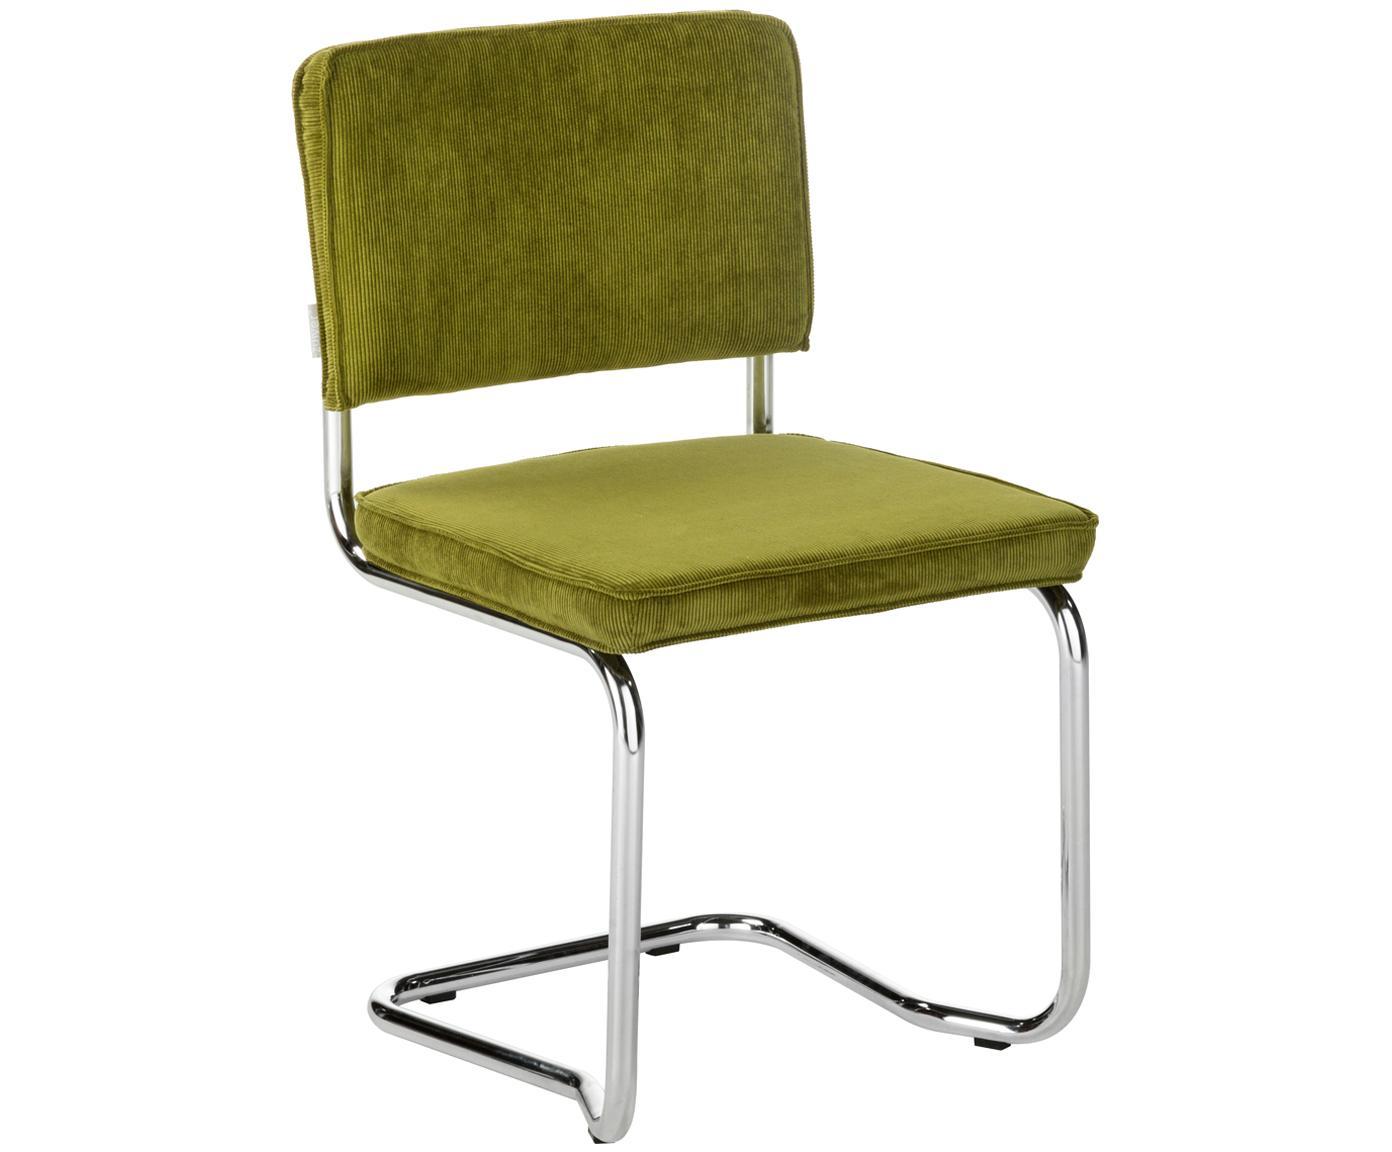 Cantilever stoel Ridge Kink Chair, Bekleding: 88% nylon, 12% polyester, Frame: verchroomd metaal, Groen, 48 x 85 cm